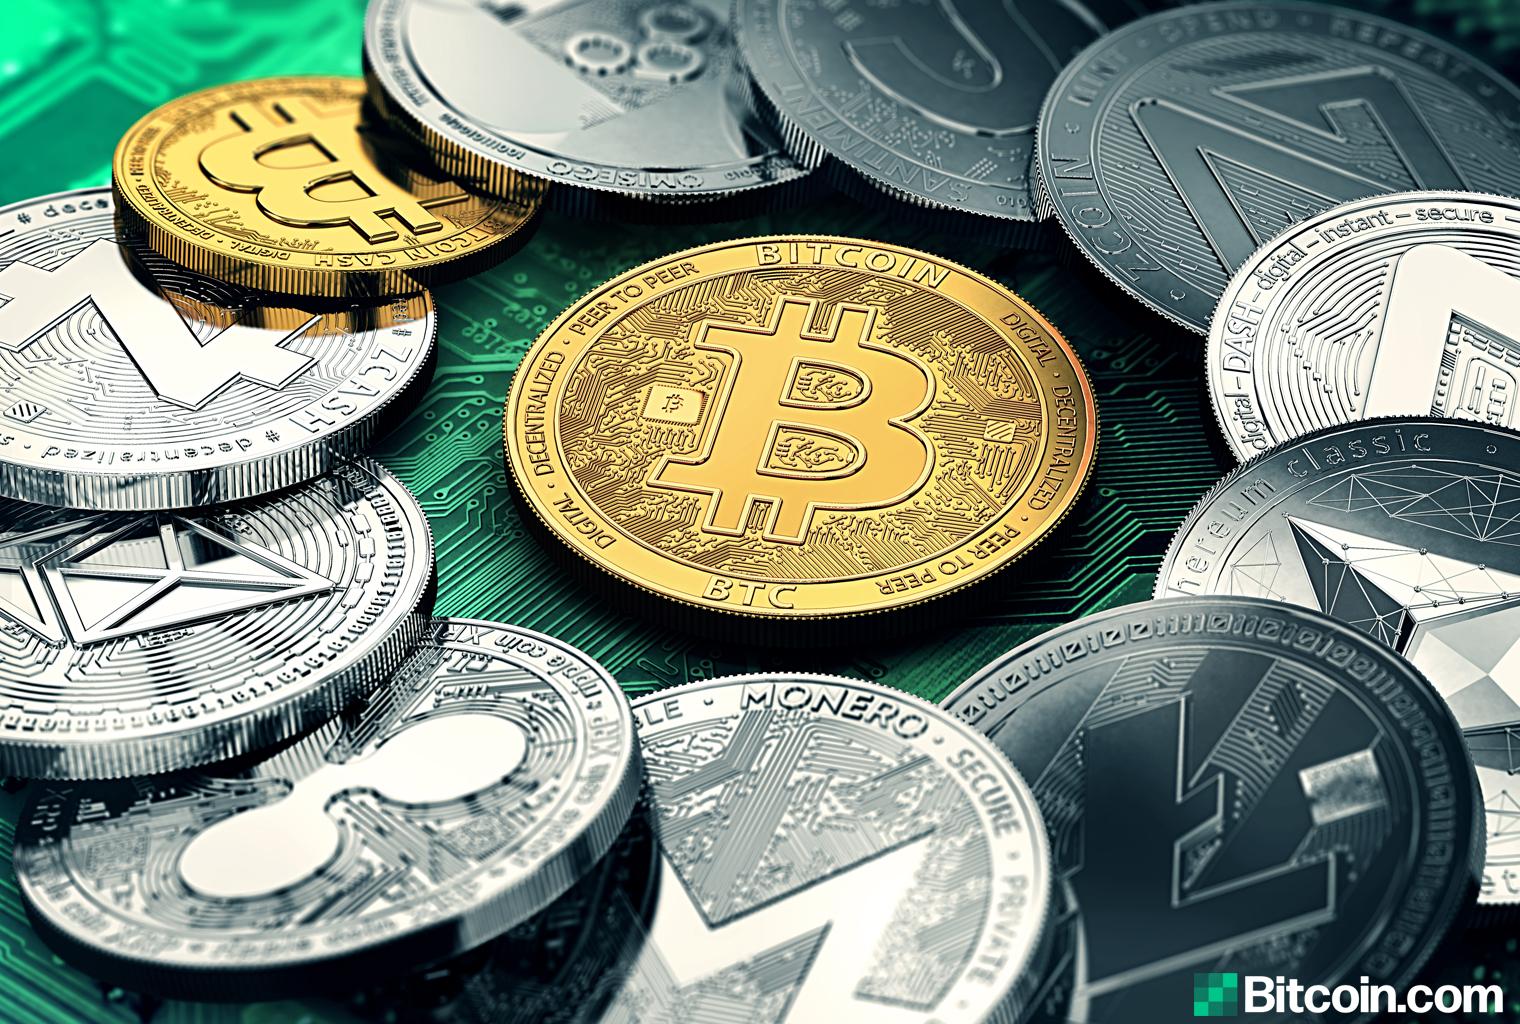 Menghasilkan Uang dari Penguncian: 5 Cara Mudah untuk Mendapatkan Cryptocurrency Online